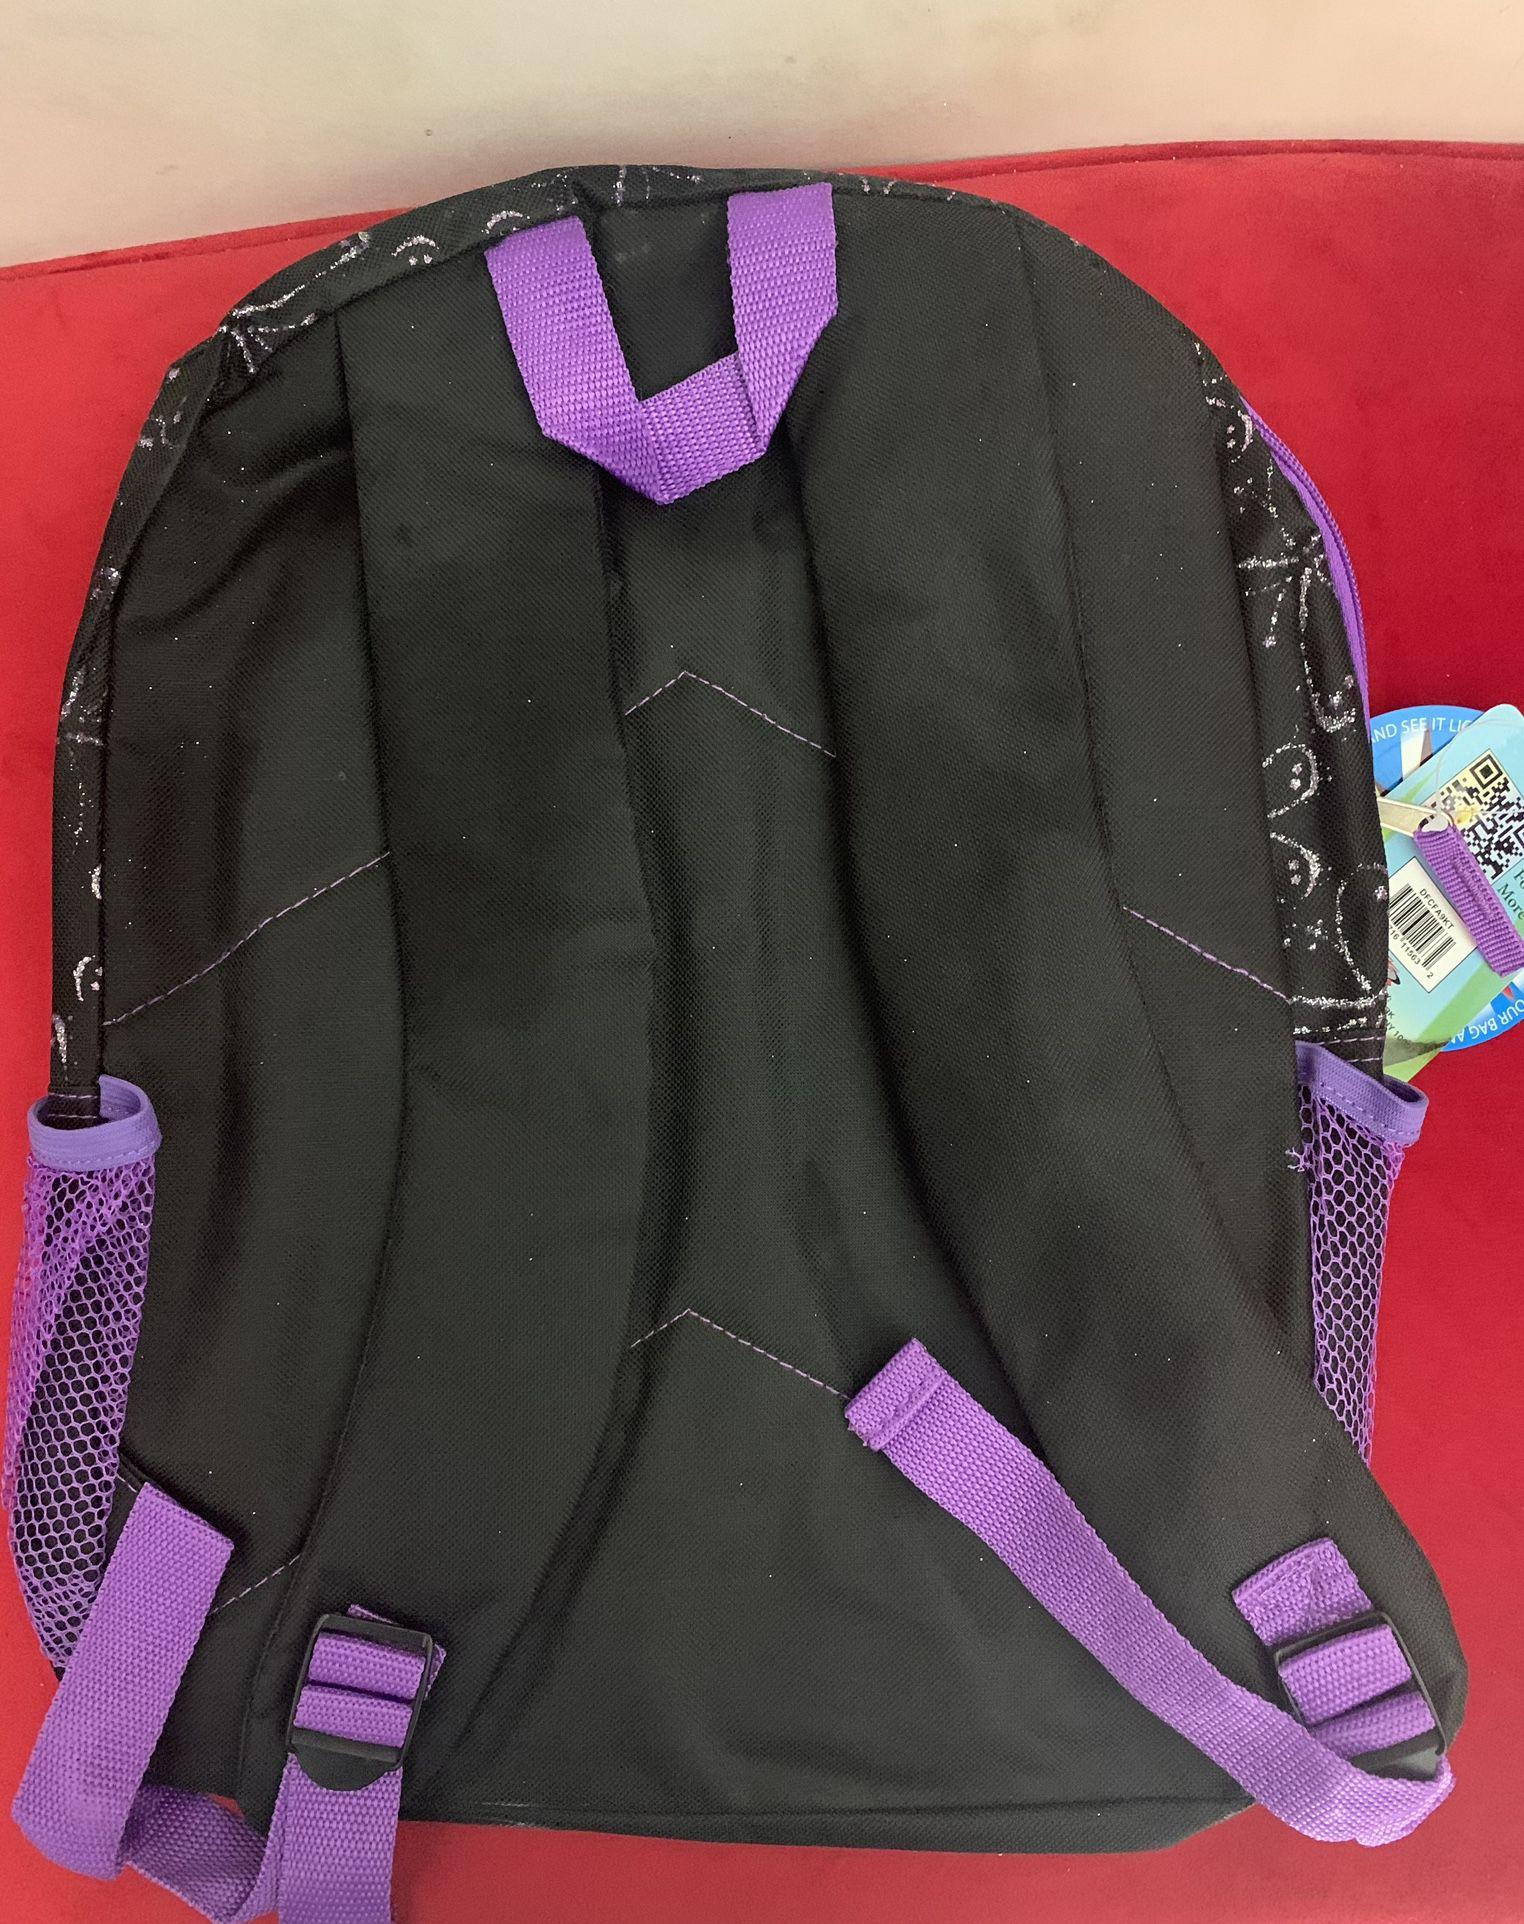 Tinker bell backpack ✨BRAND NEW✨